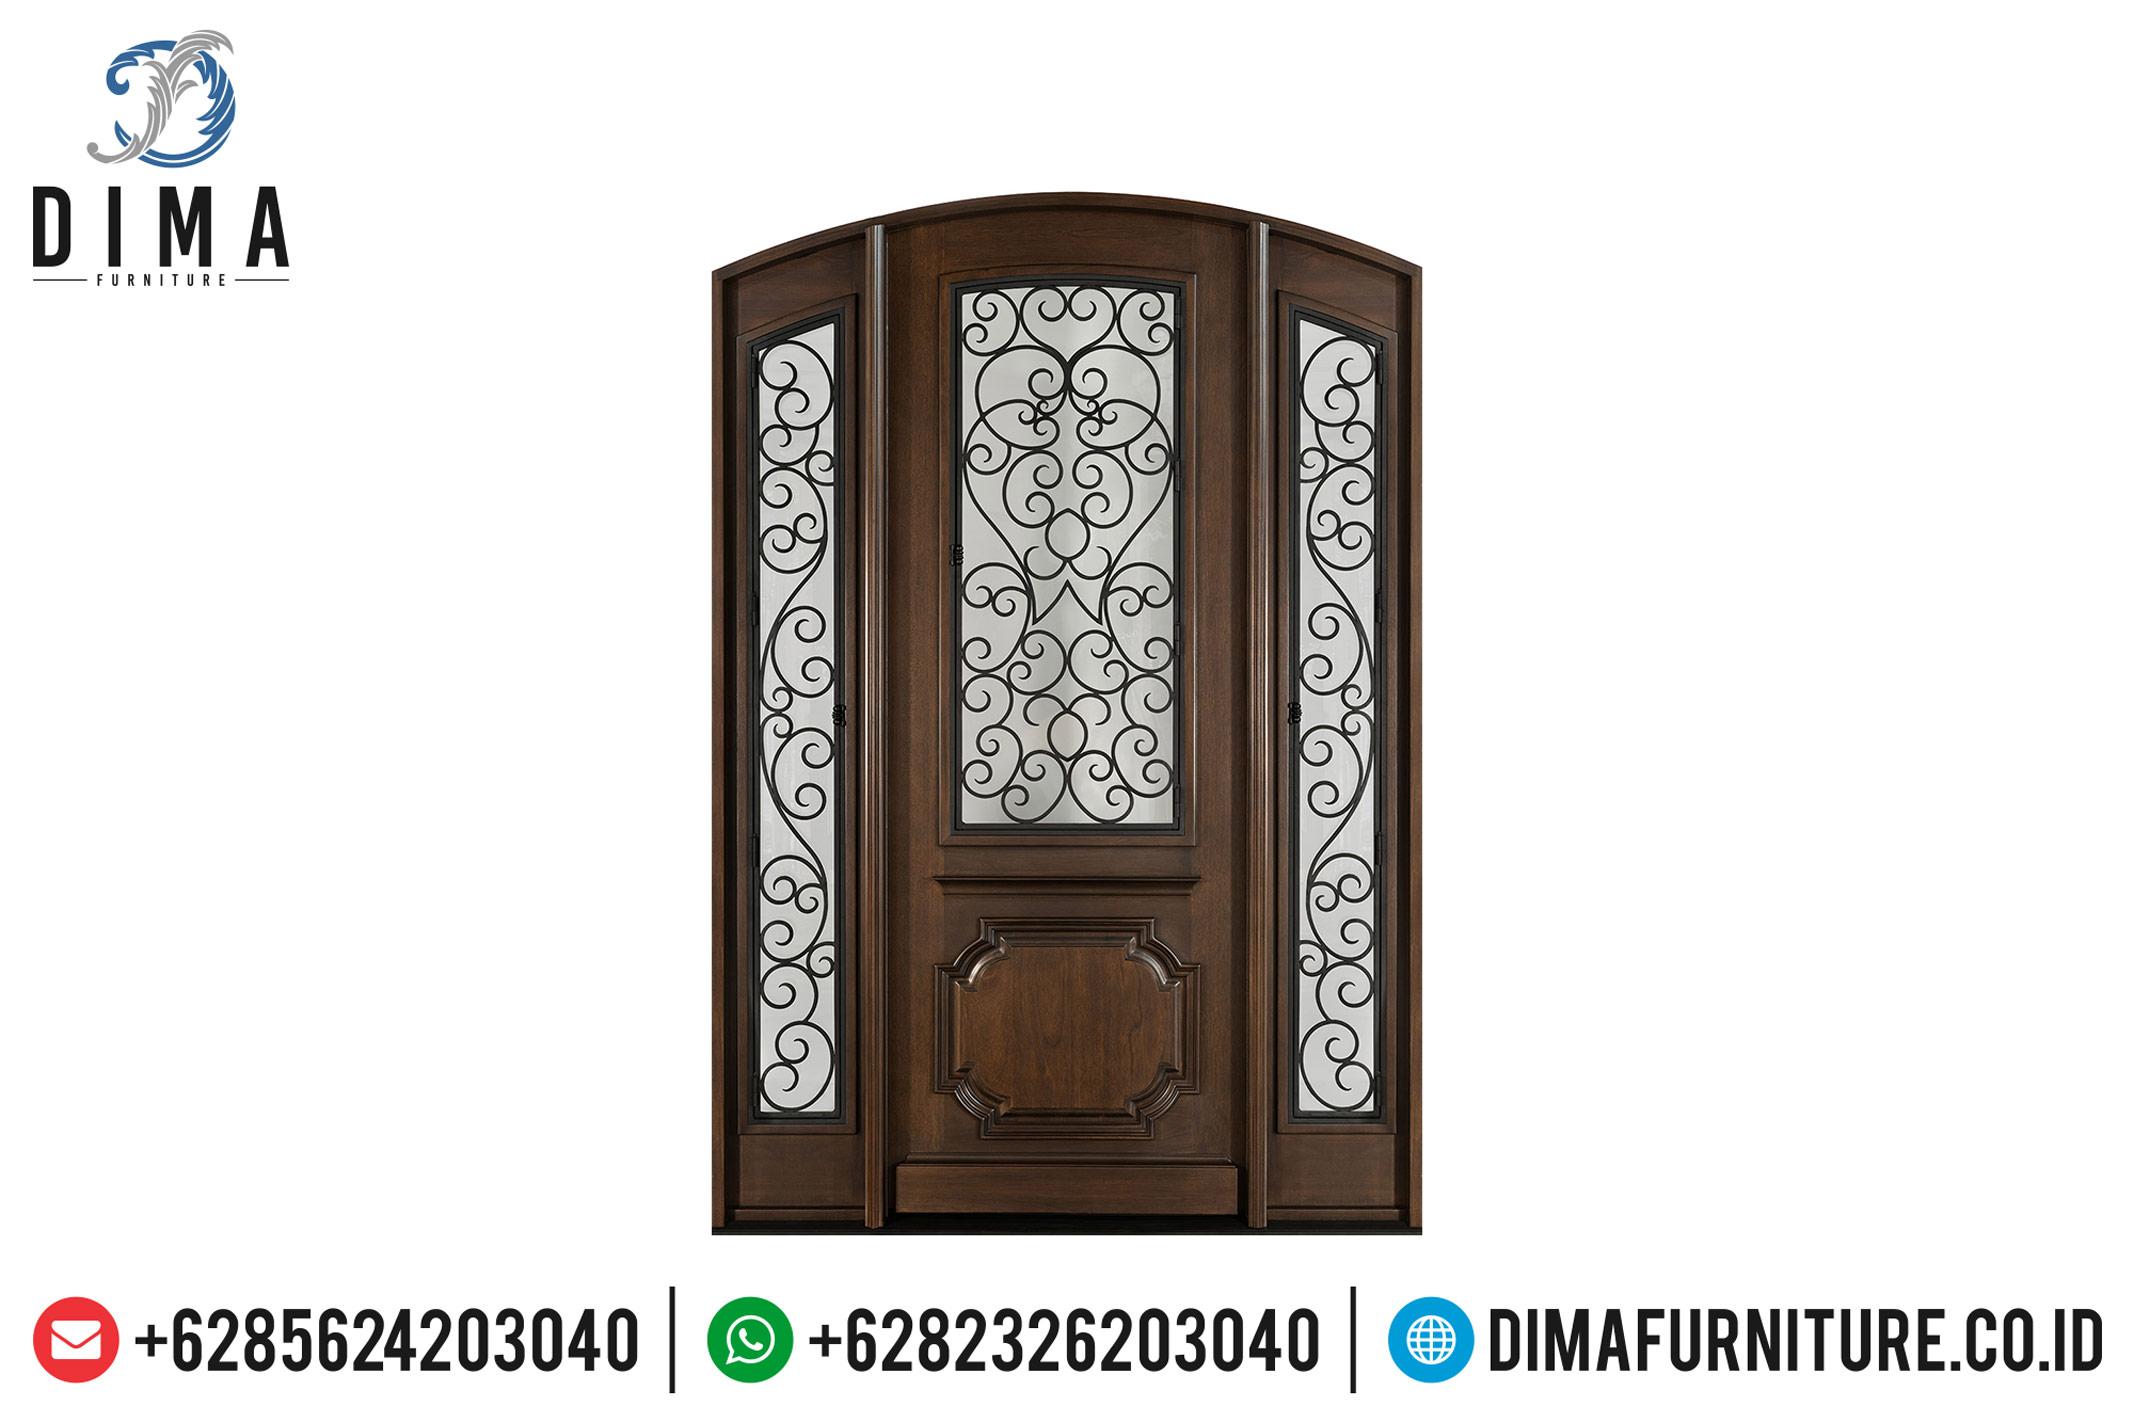 New Pintu Jati Jepara, Pintu Utama Rumah, Pintu Rumah Jati Natural DF-1212